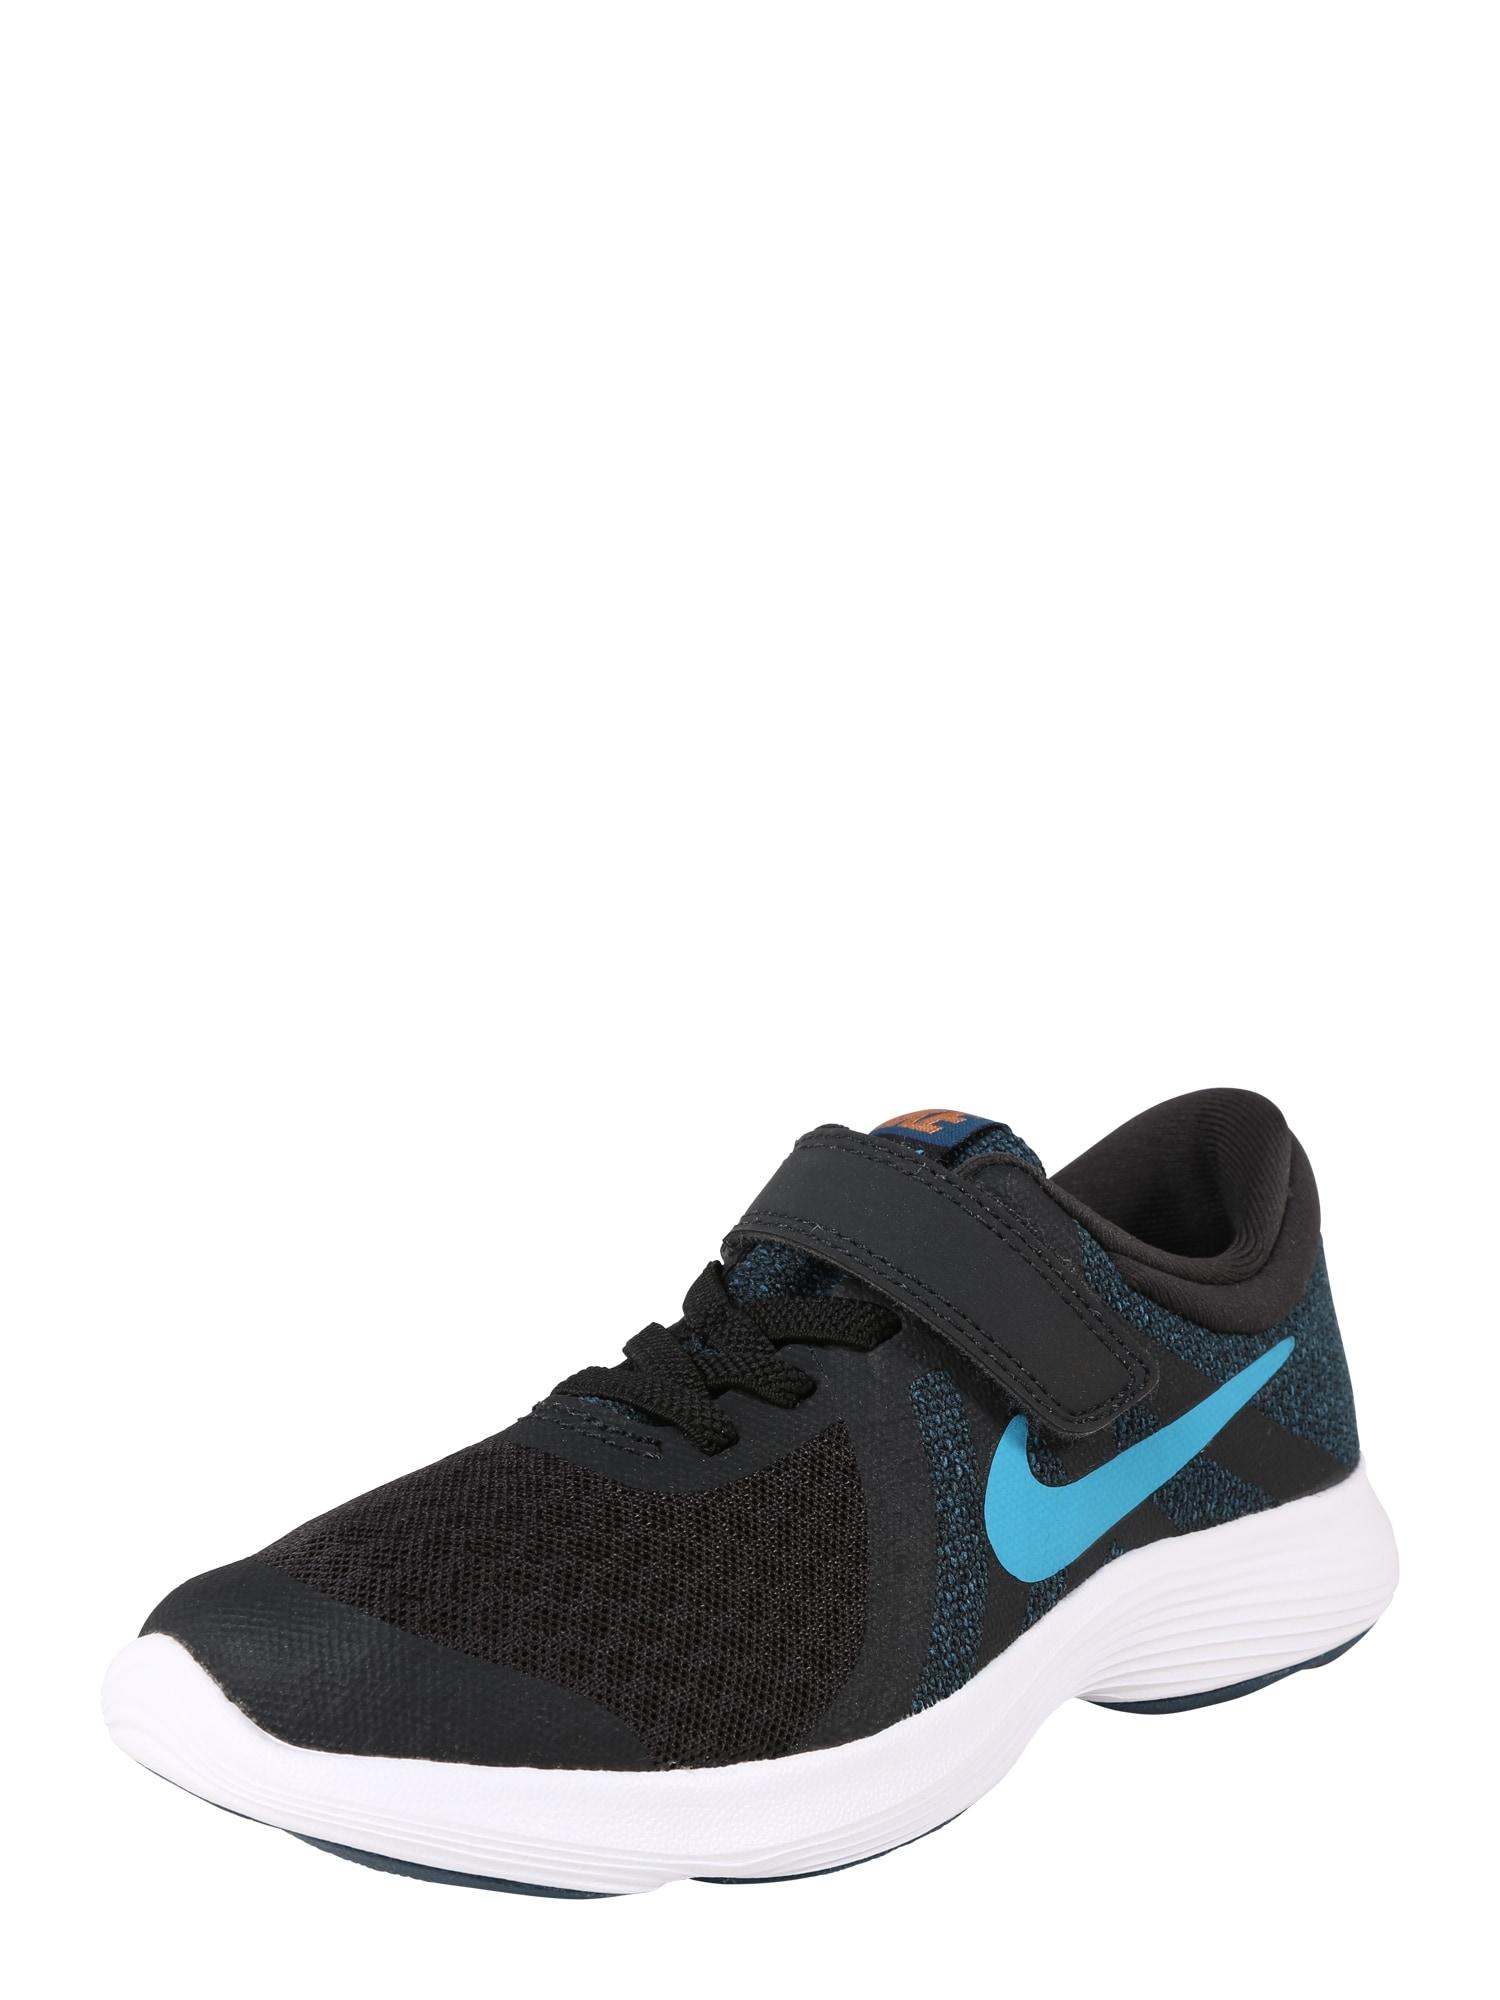 Sportovní boty Revolution 4 námořnická modř světlemodrá bílá NIKE